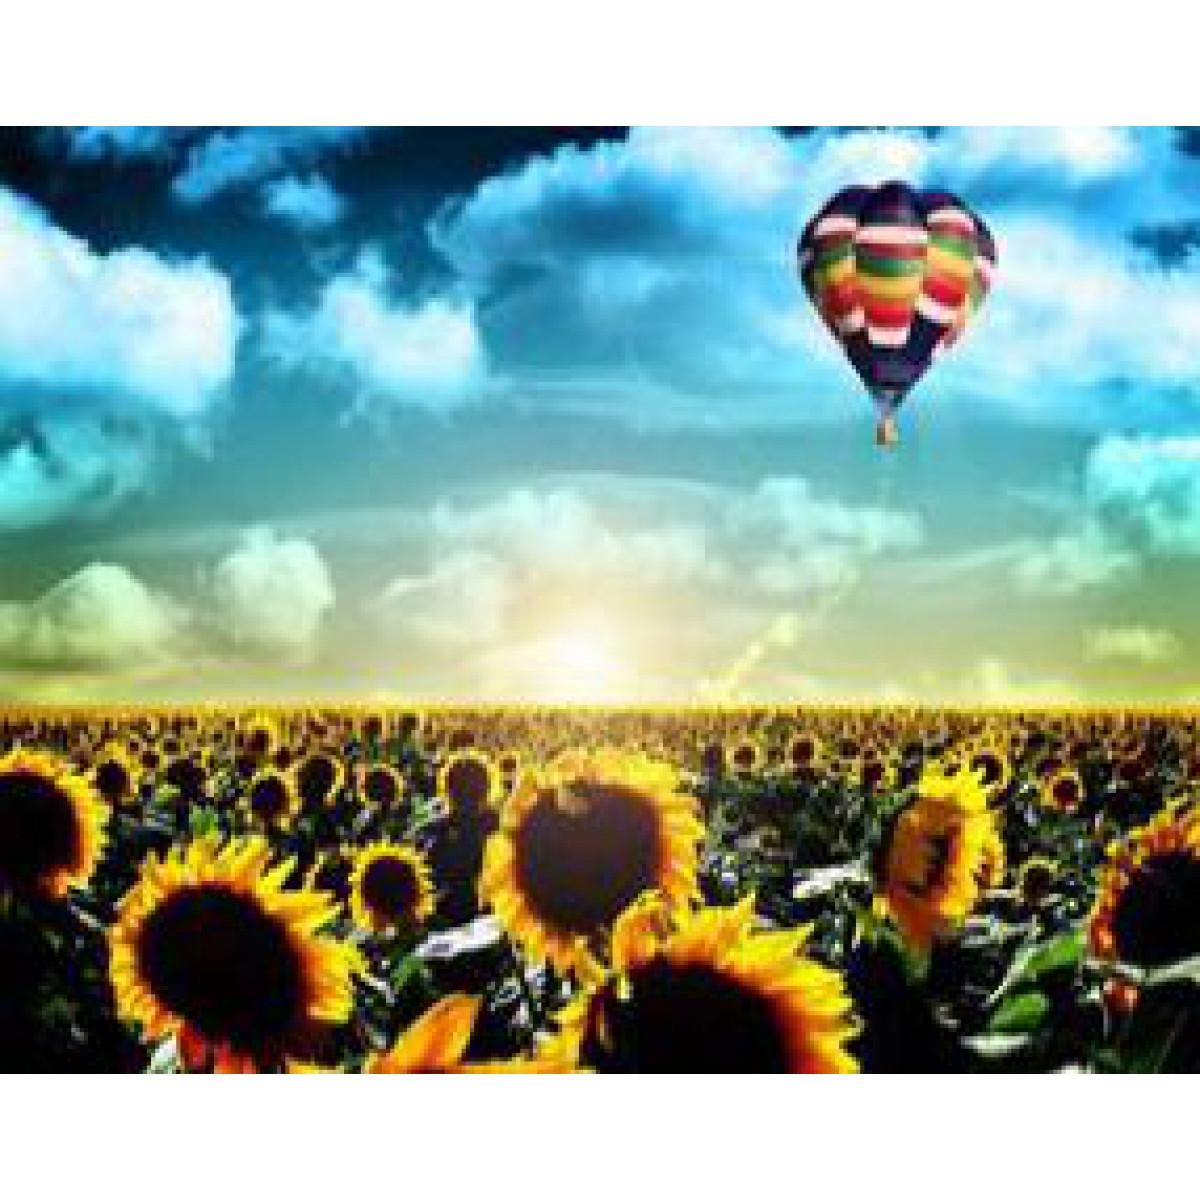 """Картина по номерам на дереве 40*50 """"Воздушный шар""""  RSB8244 в подарочной коробке"""